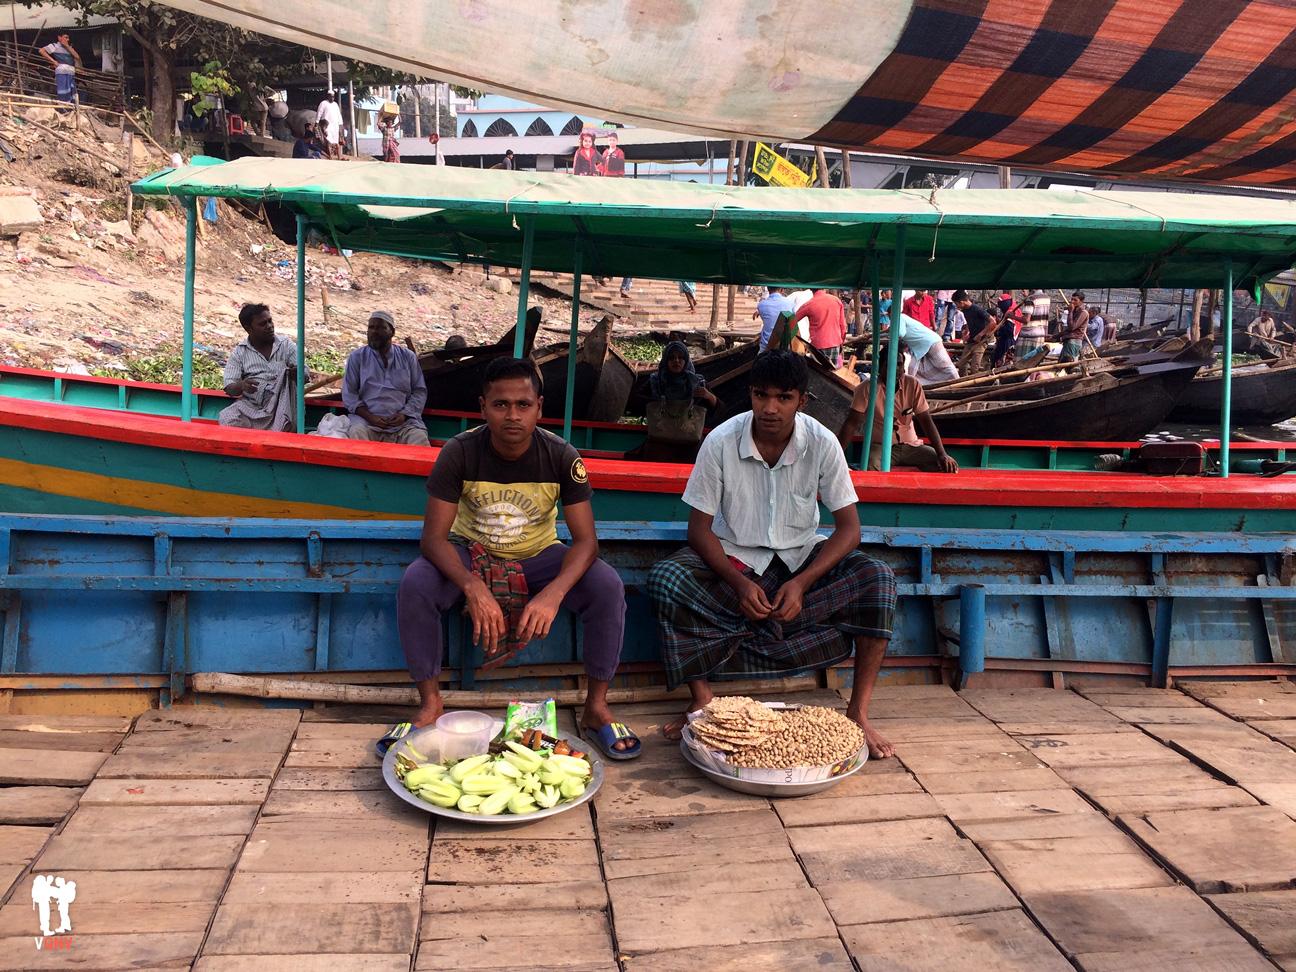 Vendedores ambulantes de comida en la barca